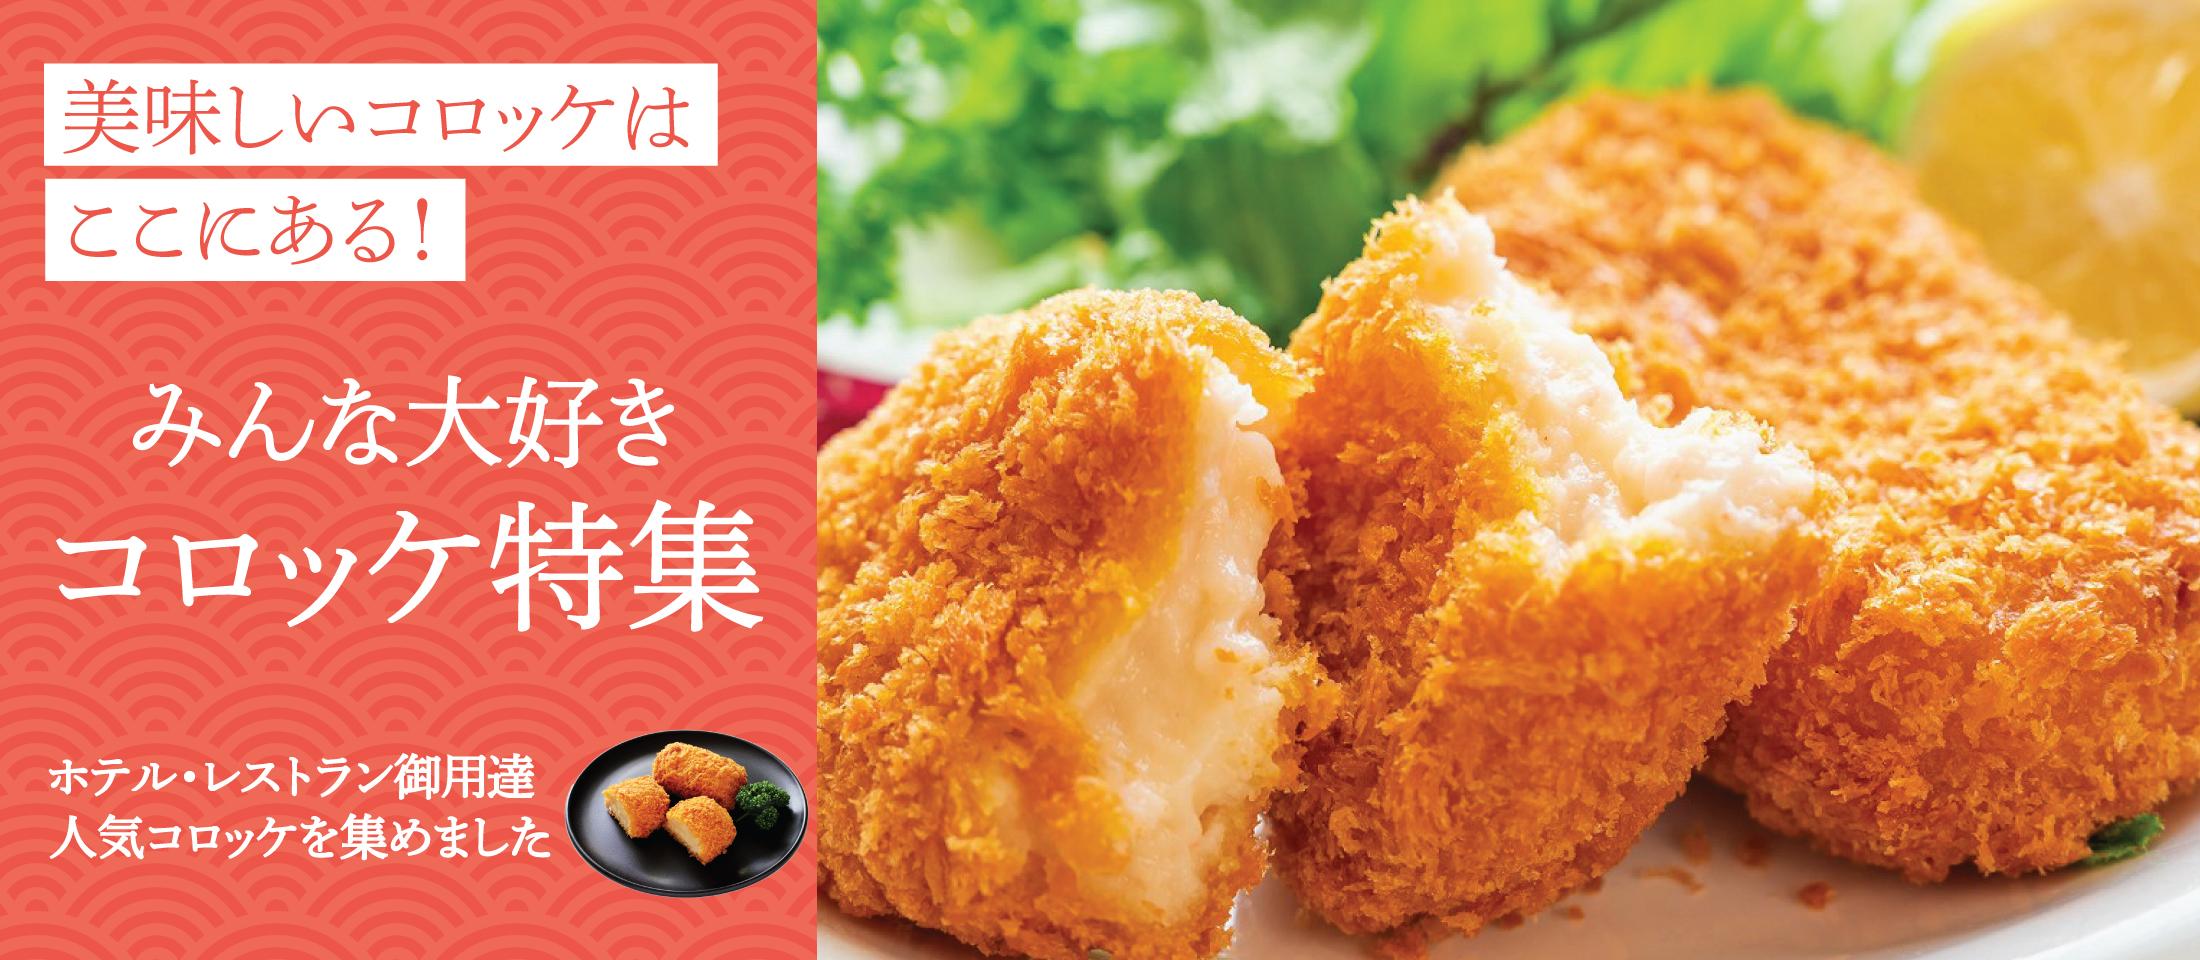 美味しいコロッケはここにある! みんな大好きコロッケ特集 業務用食品・冷凍食品通販 ナカヤマフーズオンライン